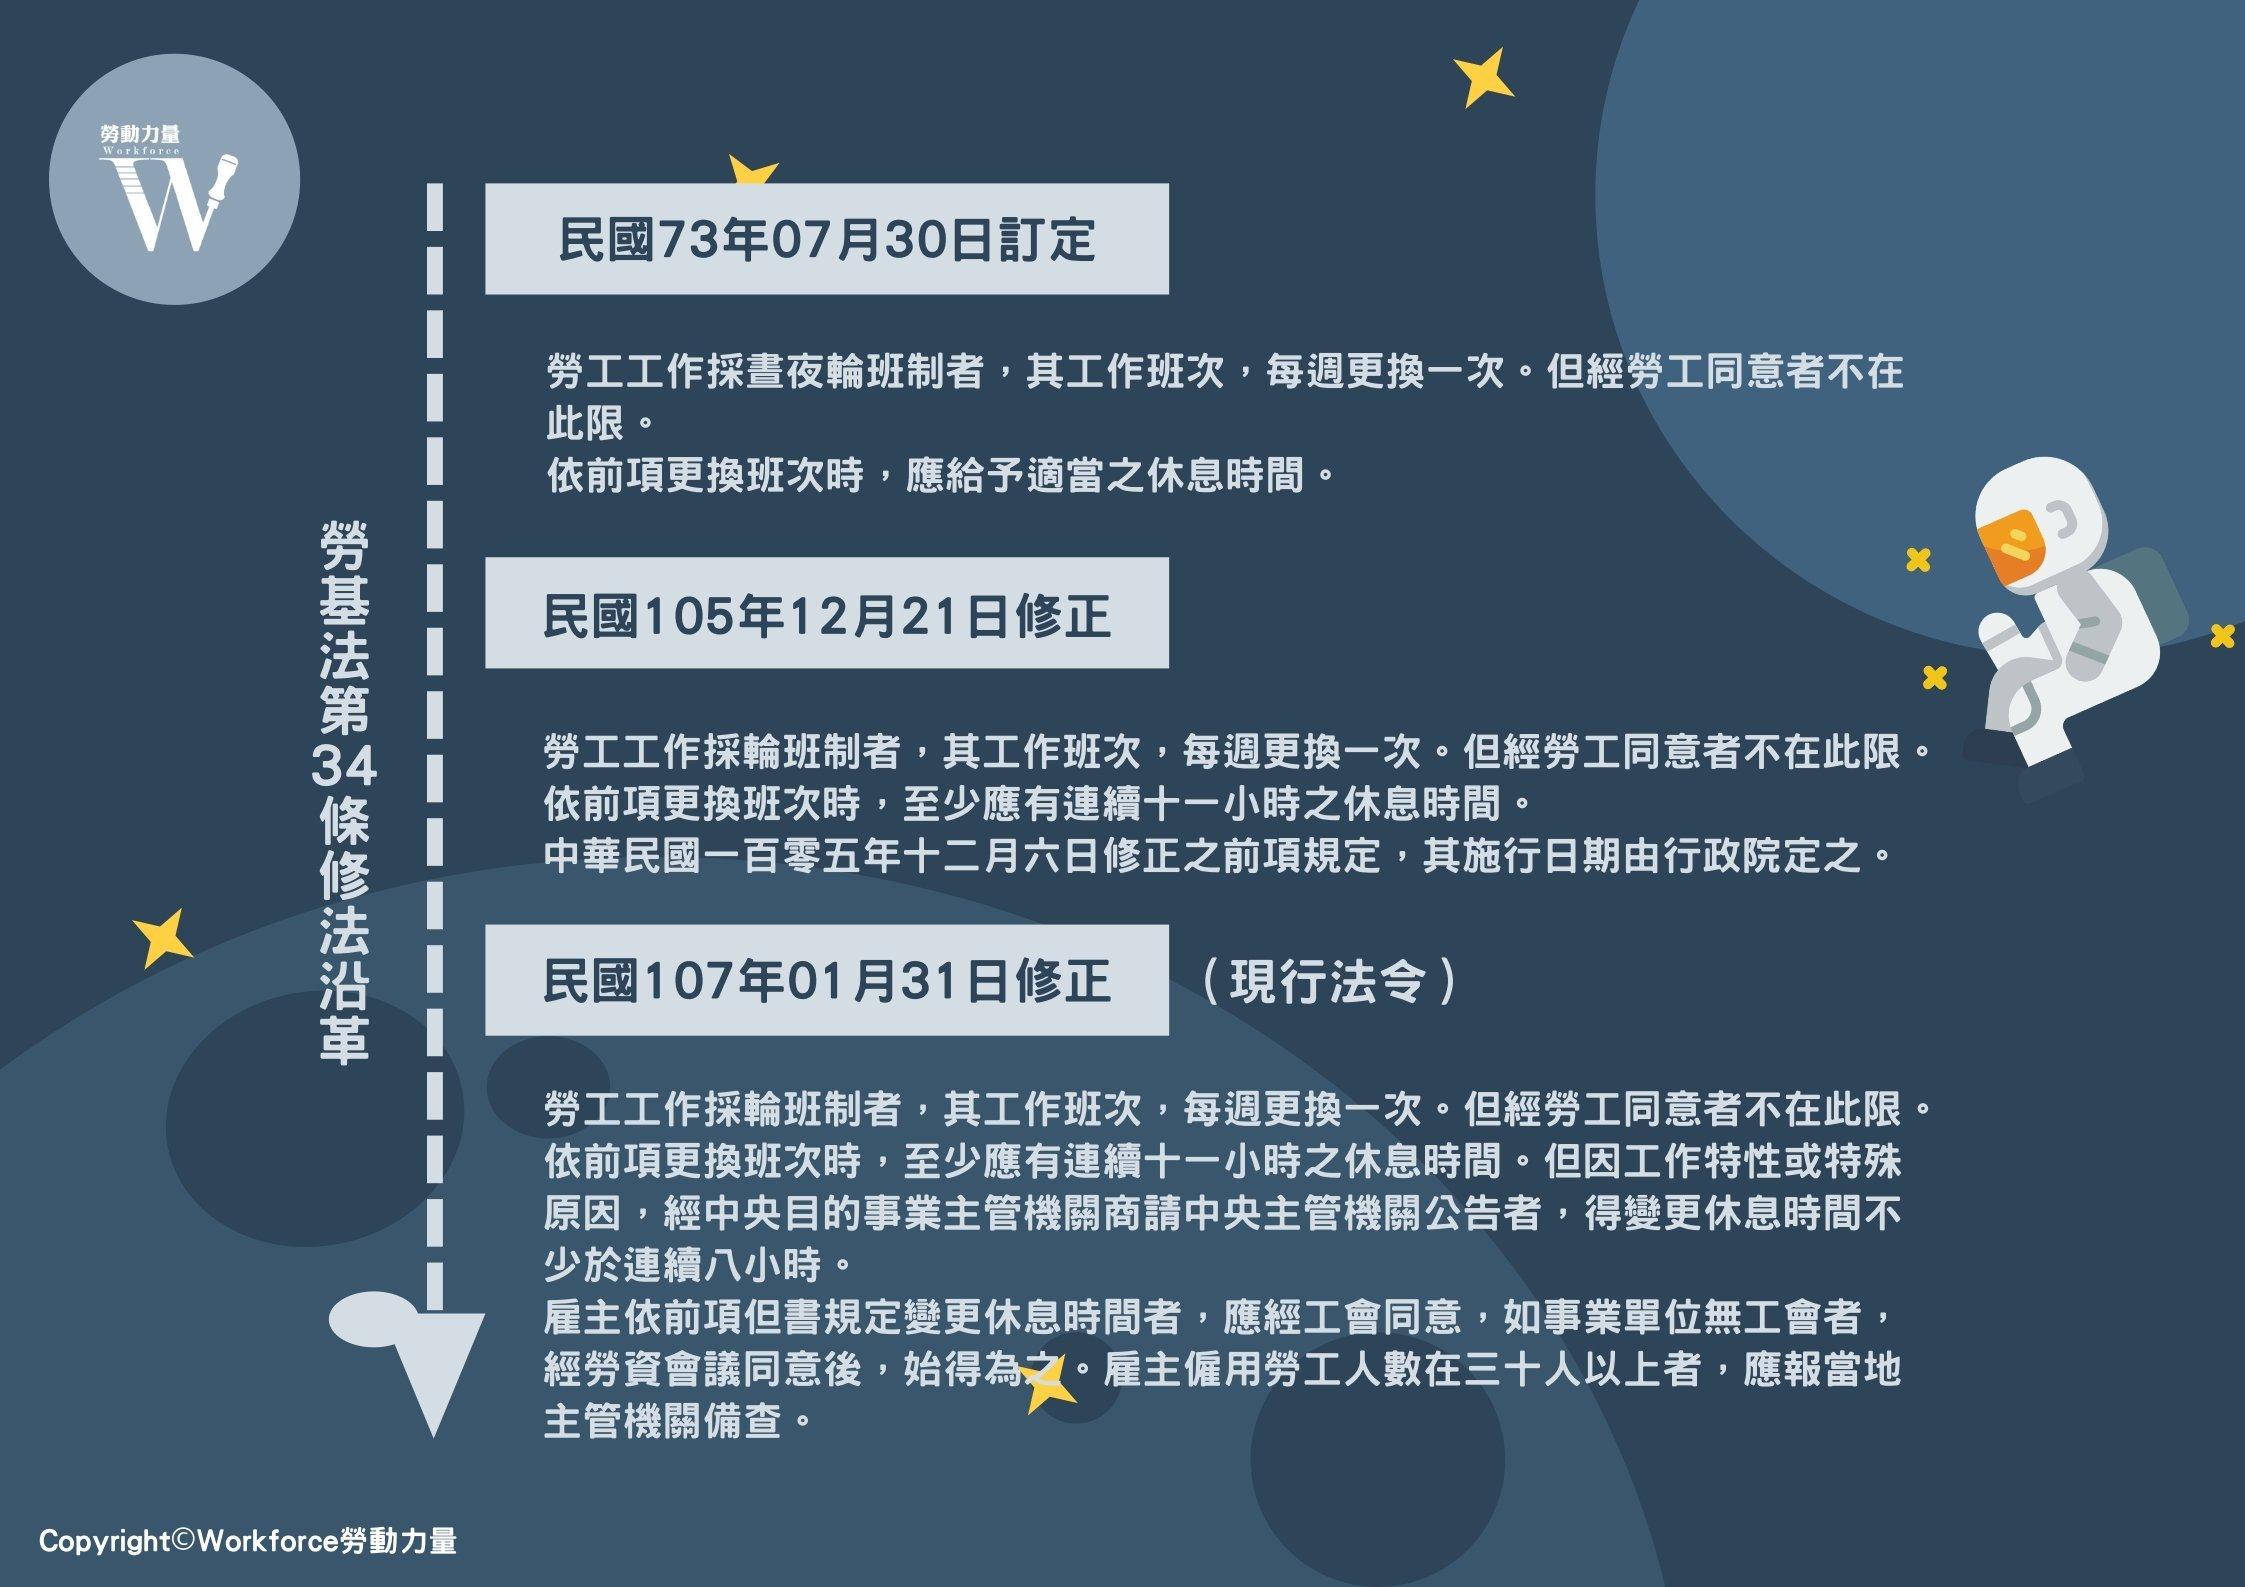 勞基法第34條規定修法沿革